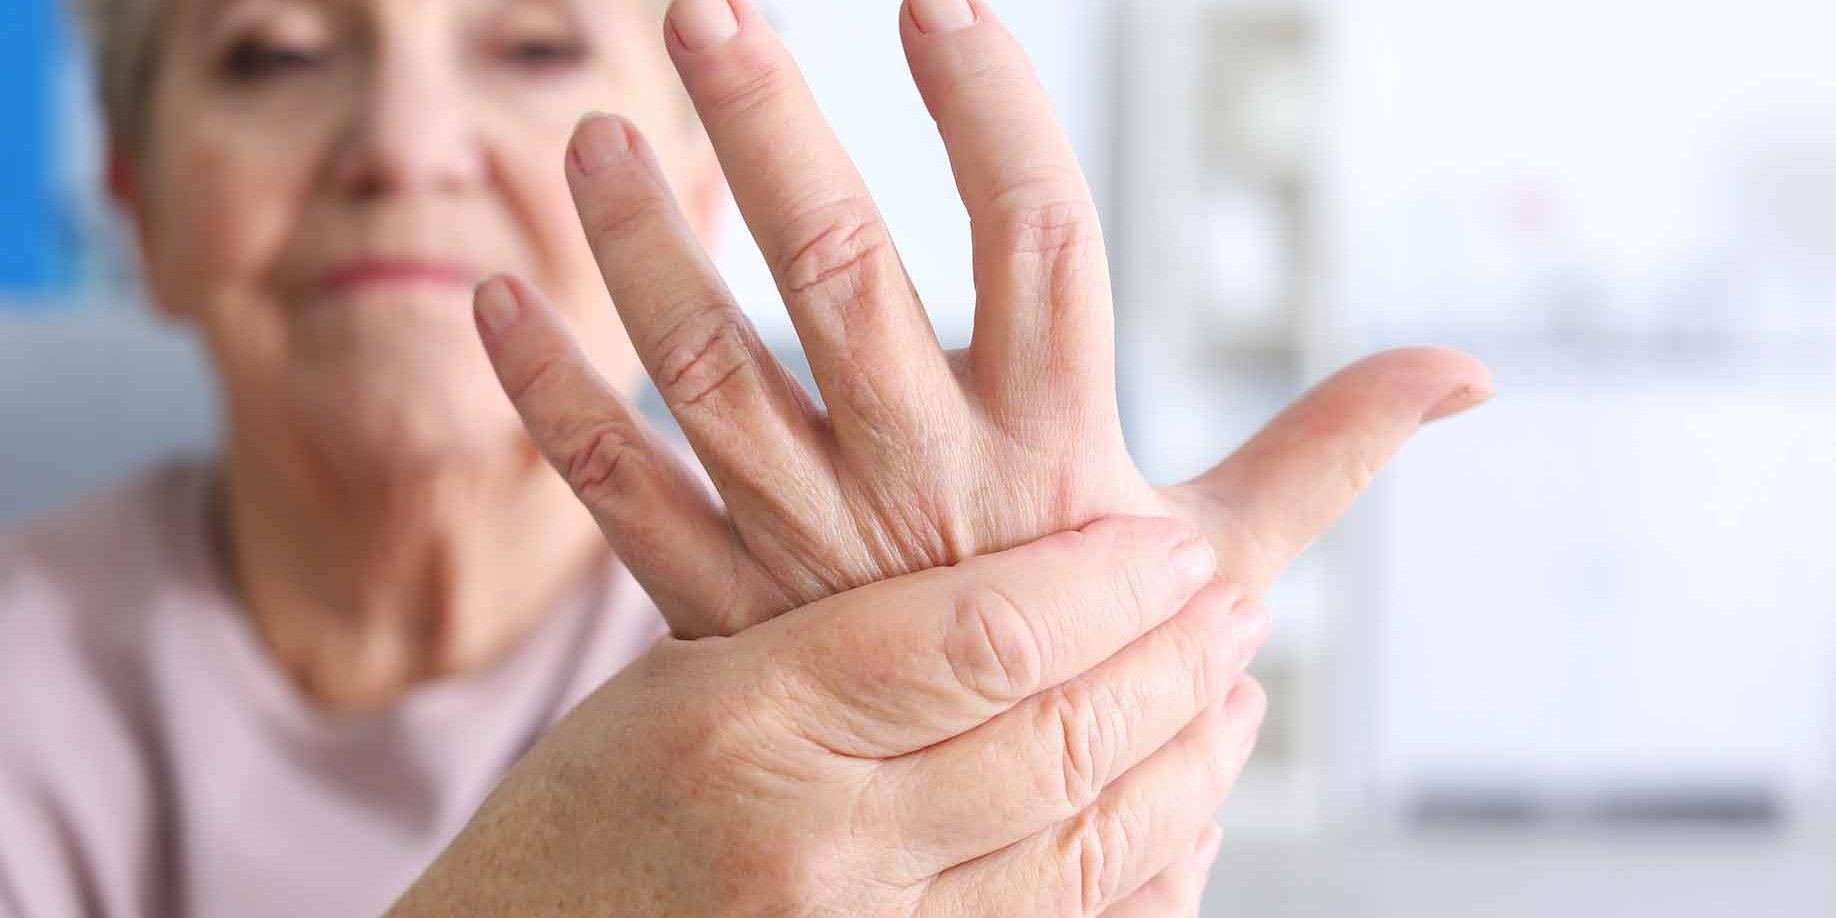 klubo sąnario skausmas kai vaikščioti artritas pėdos sąnarių atsiliepimus